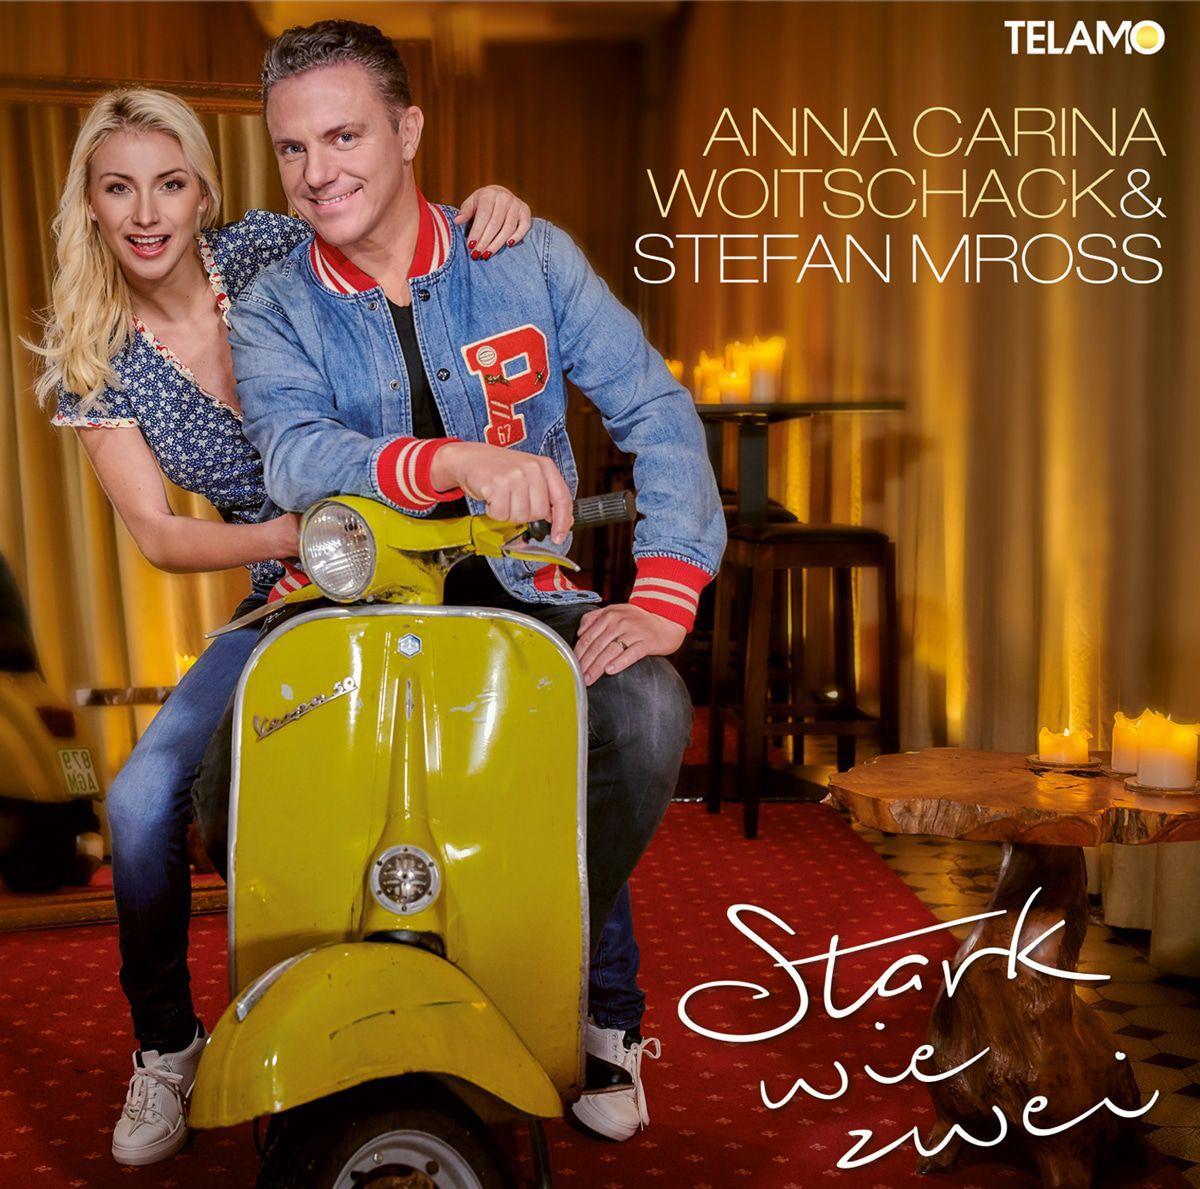 Anna-Carina Woitschack & Stefan Mross: Duett-Album kommt